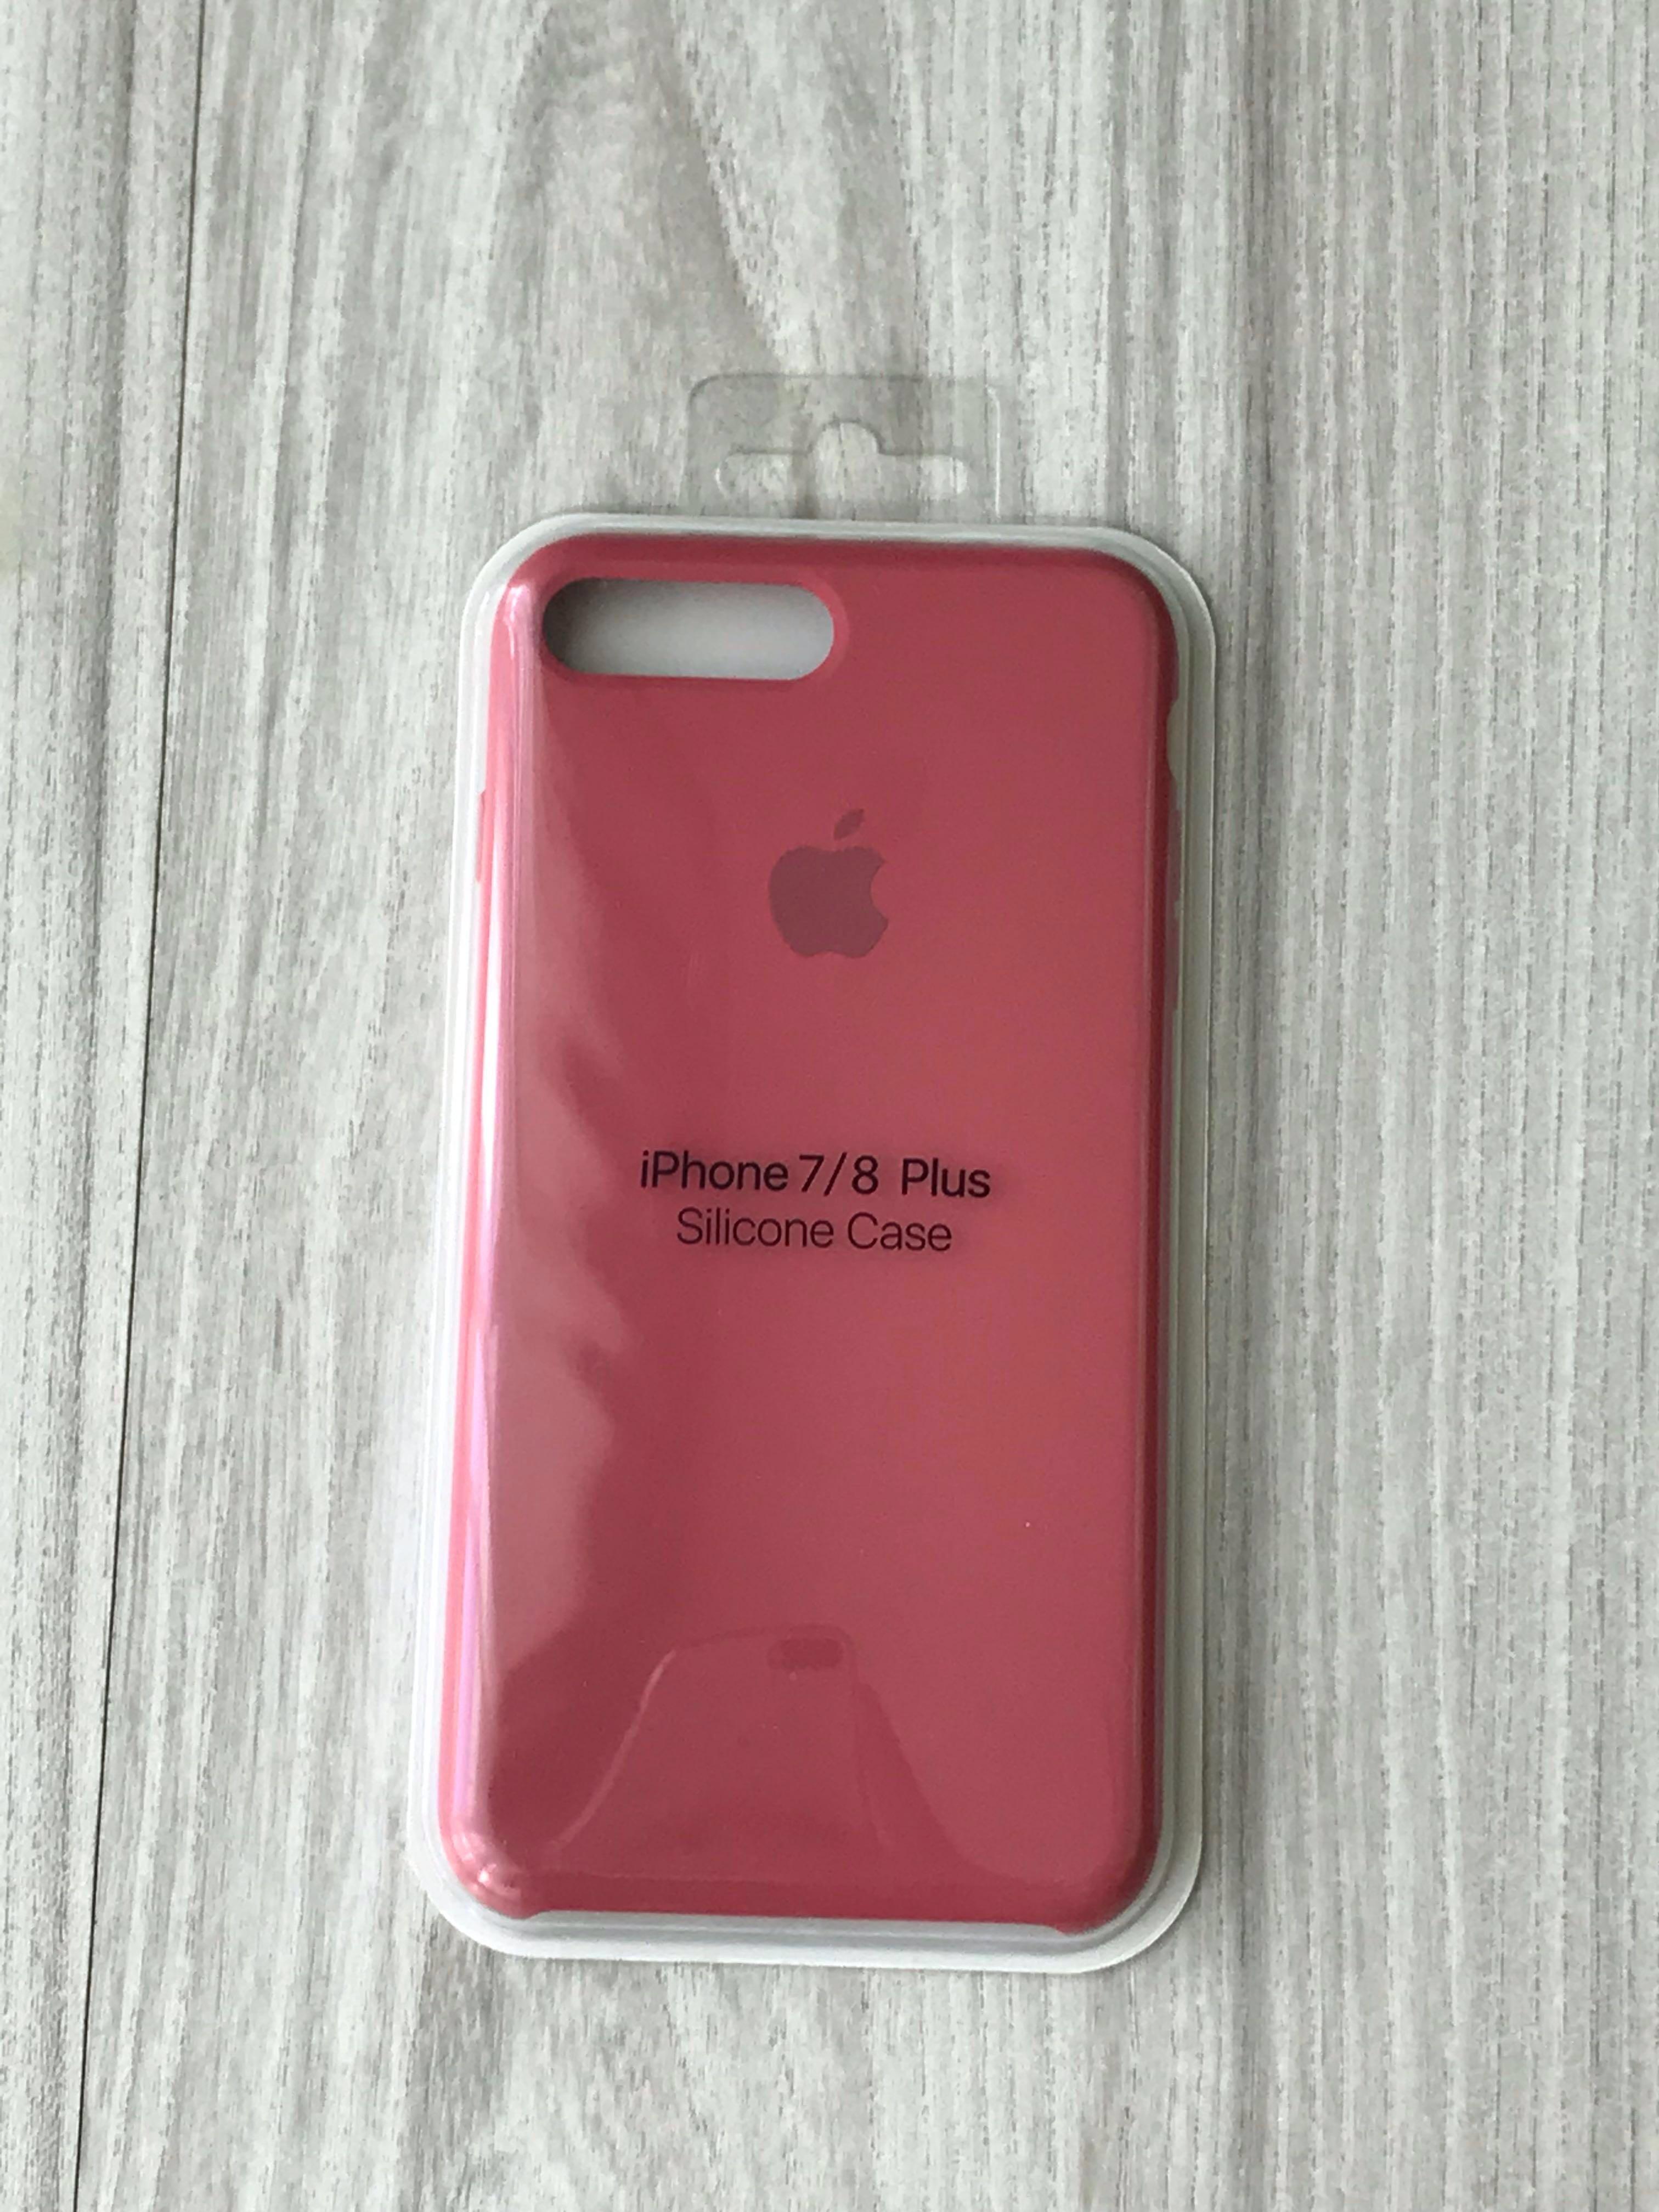 Iphone 7 casus dinleme